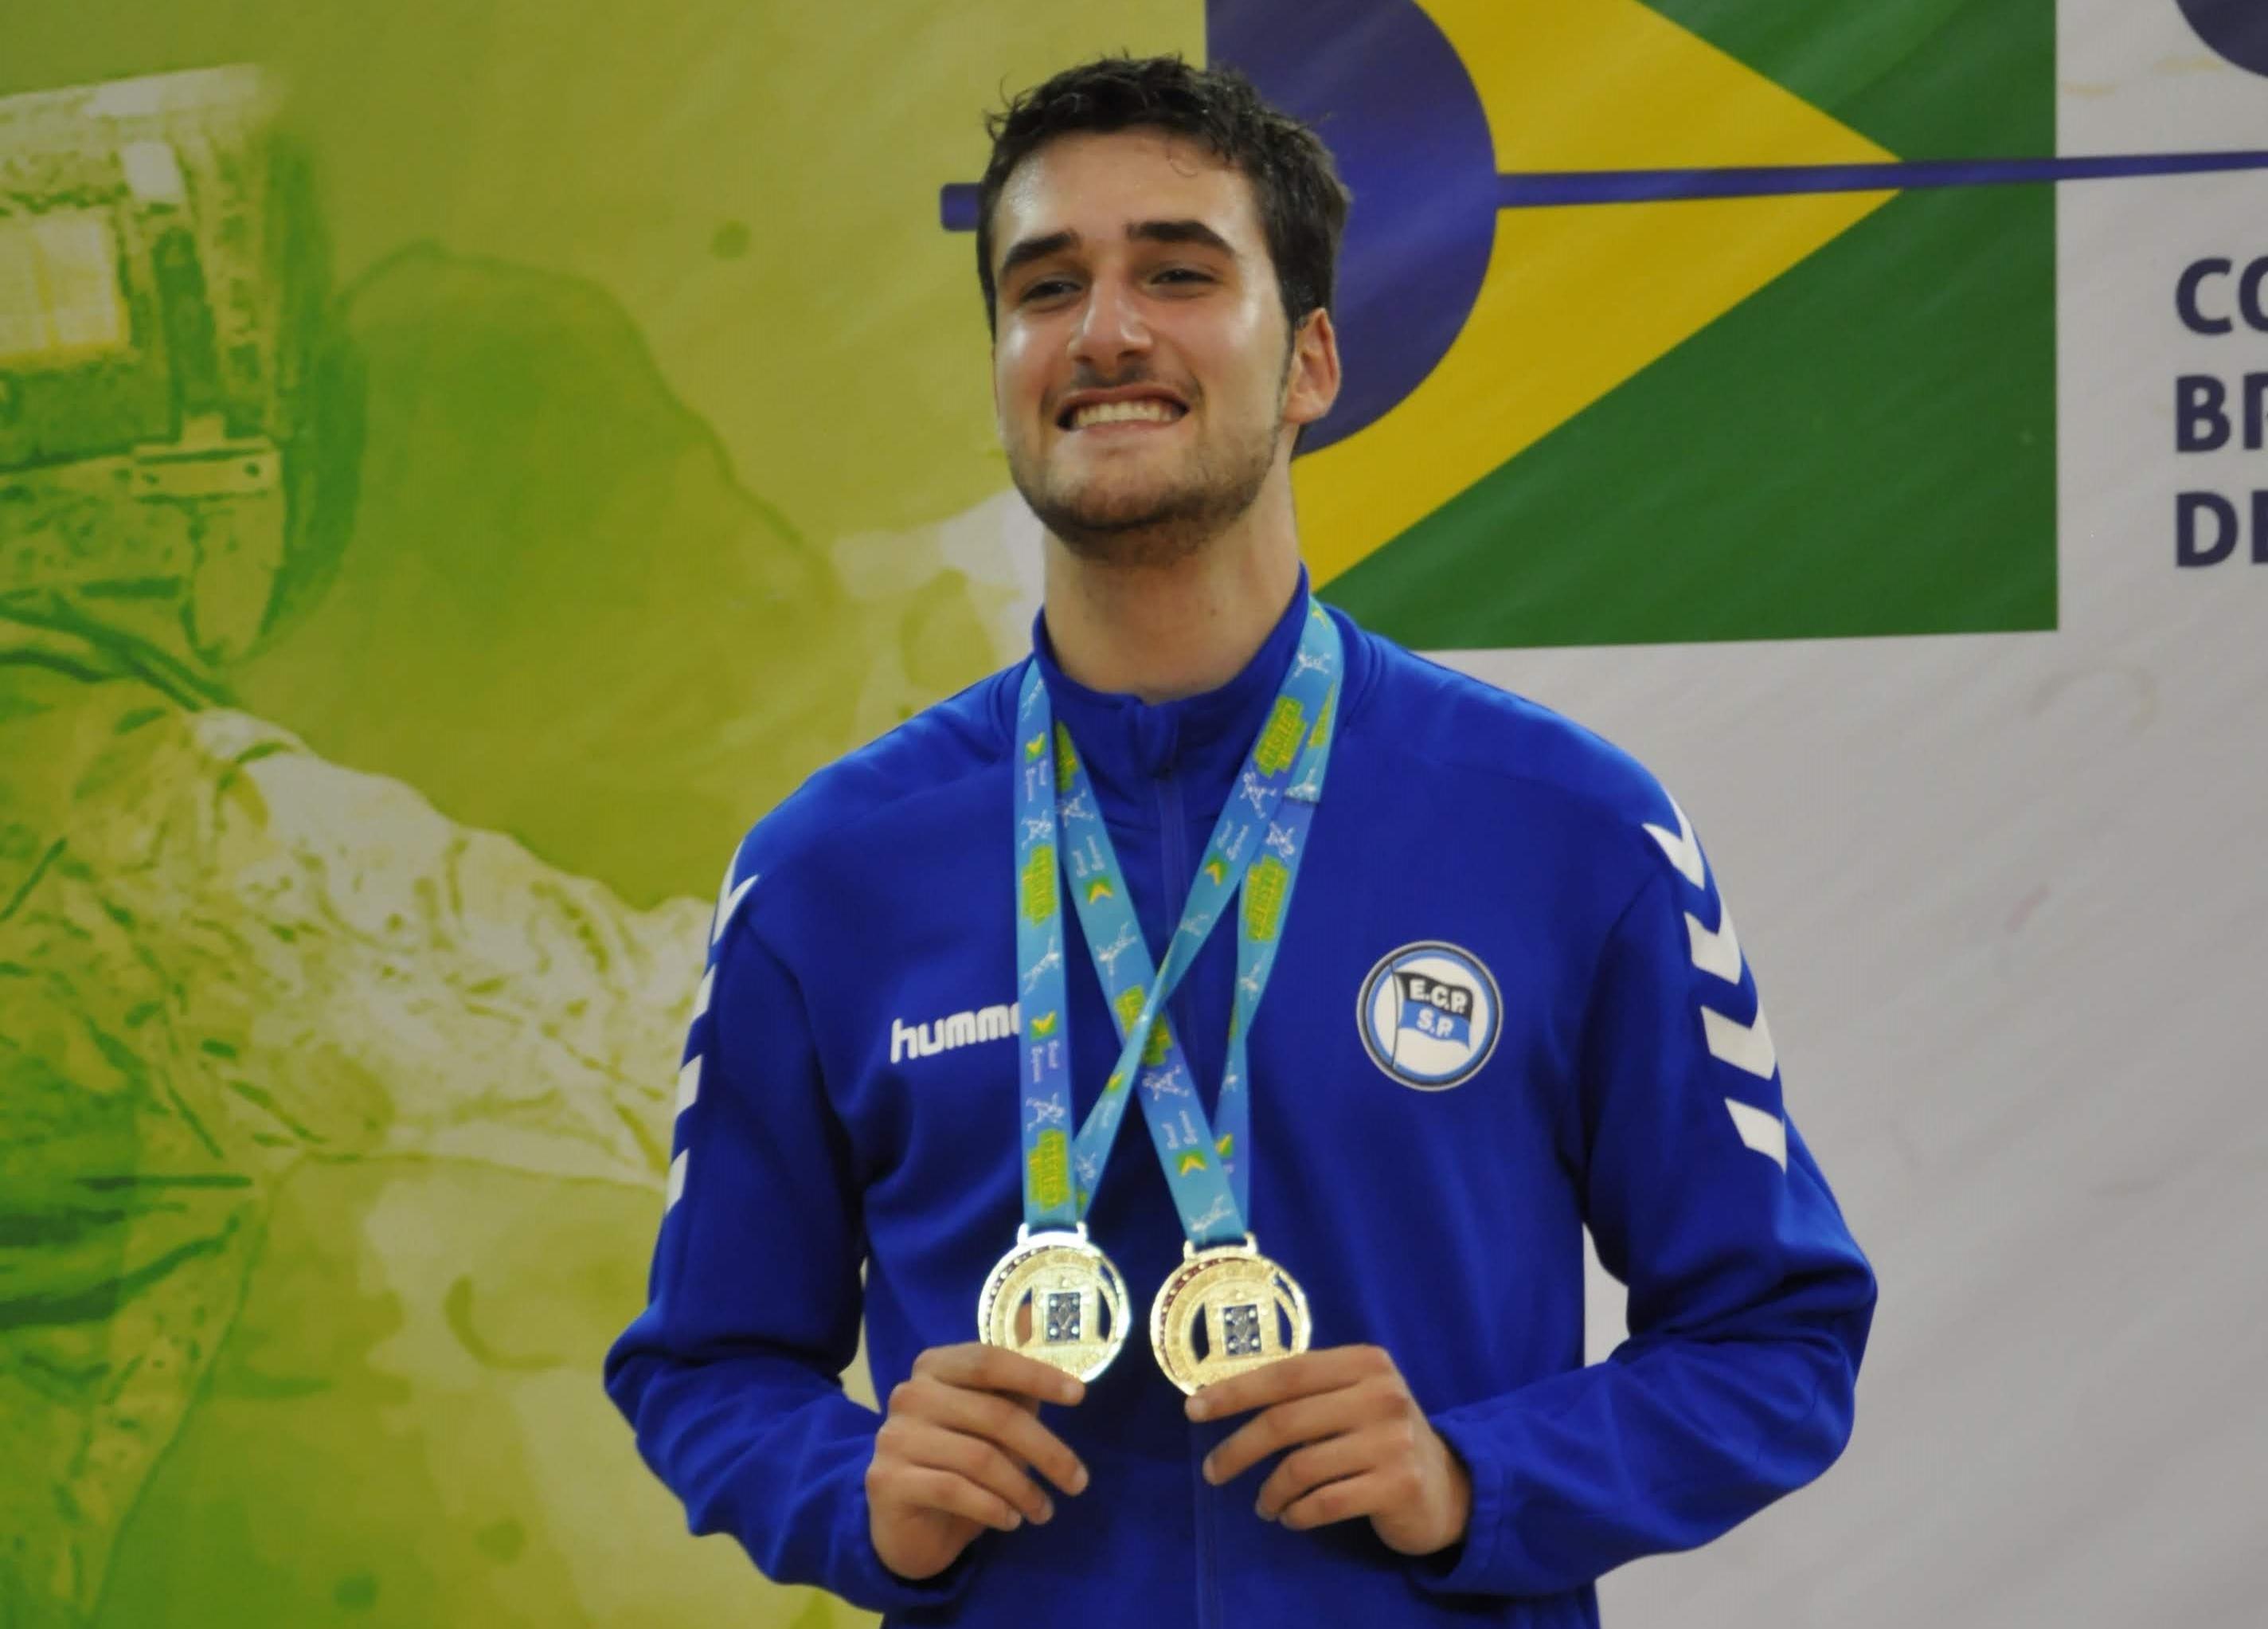 FIE confirma a realização de três competições internacionais antes do Pré-Olímpico